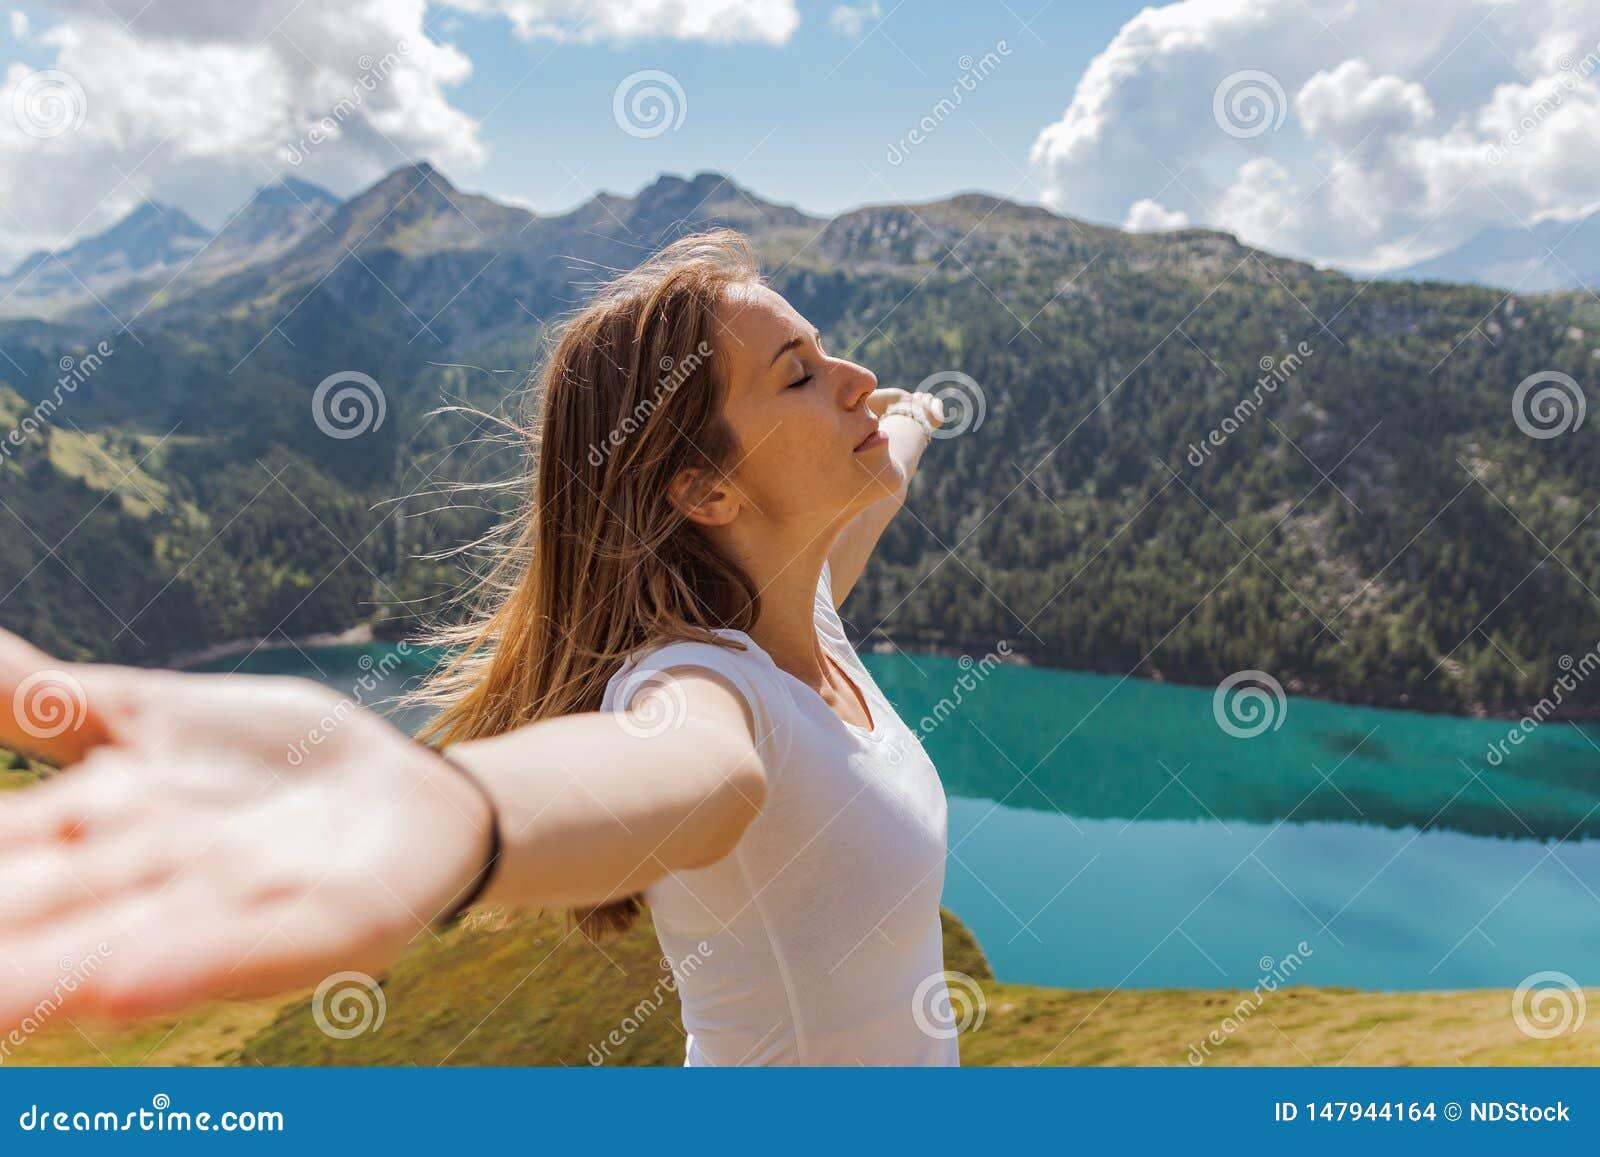 Conceito da liberdade de uma jovem mulher com seus braços aumentados apreciando o ar fresco e o sol